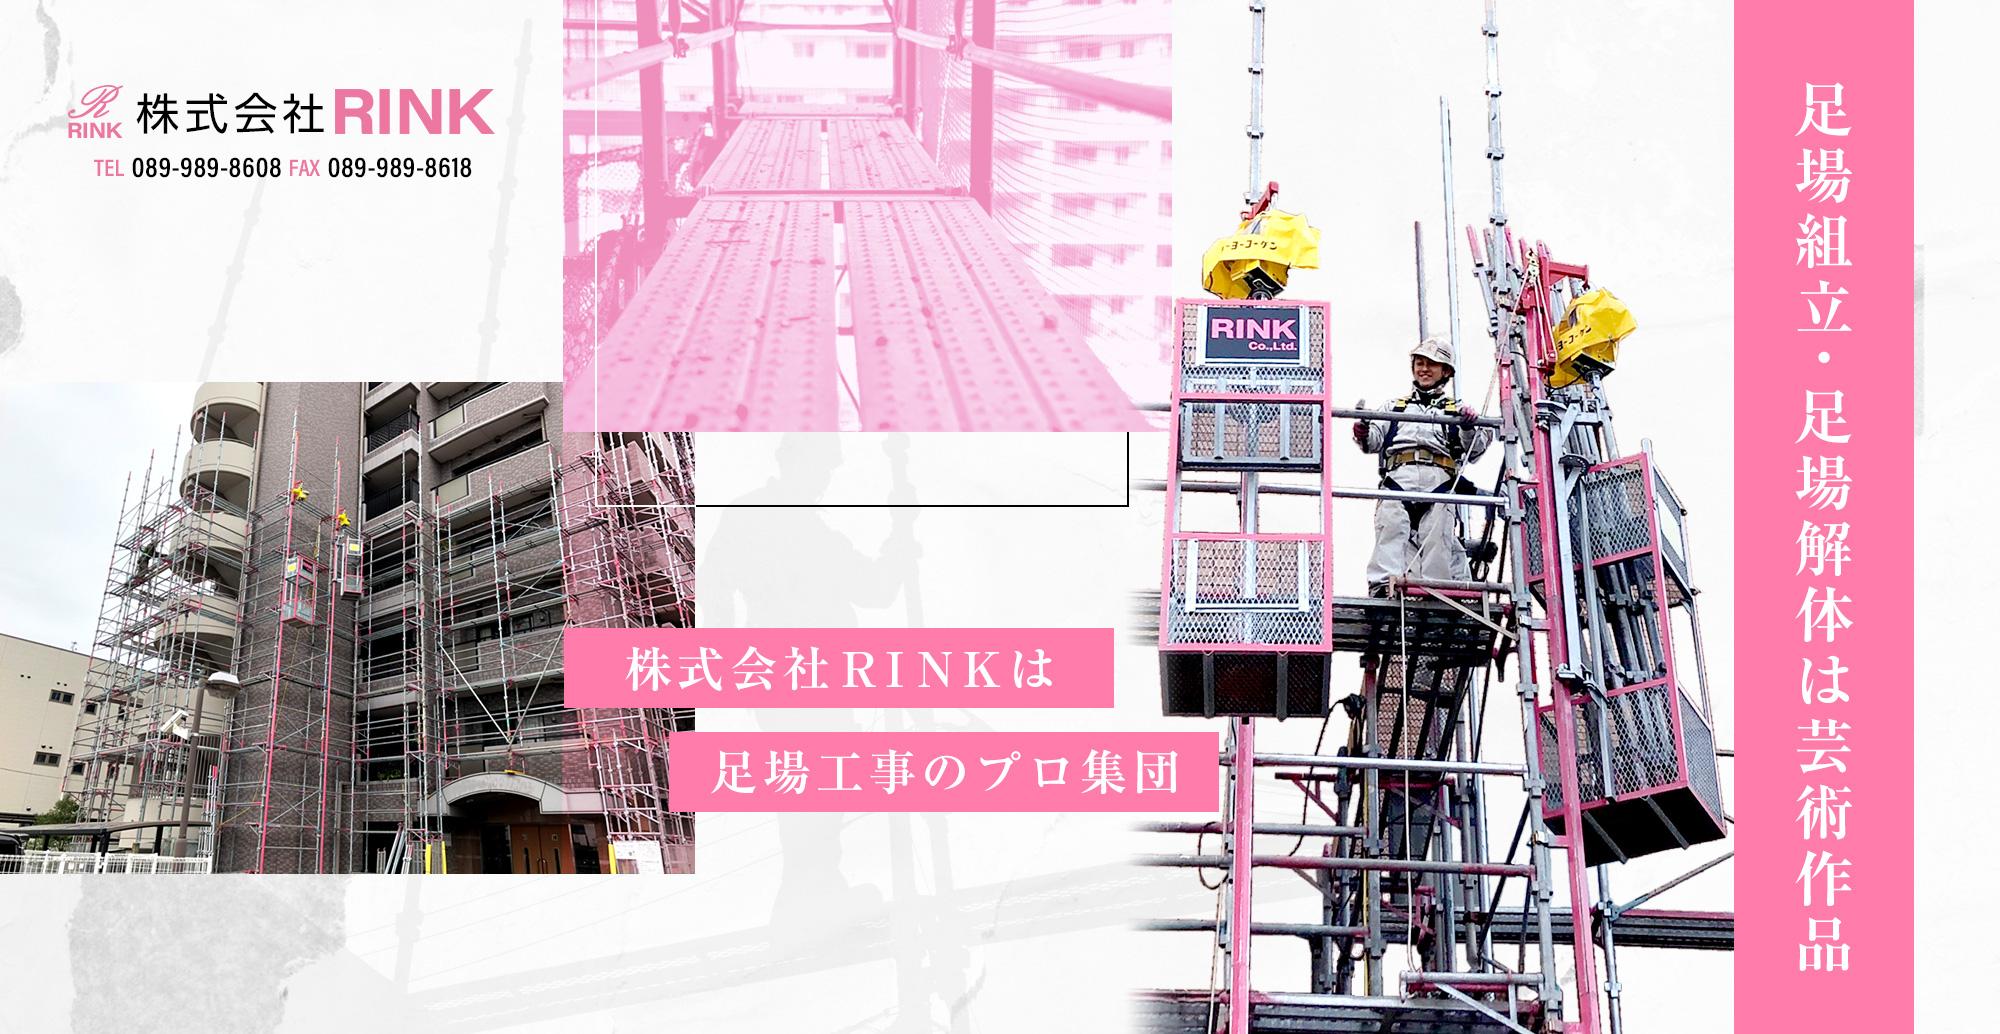 足場組立・足場解体は芸術作品 株式会社RINKは足場工事のプロ集団